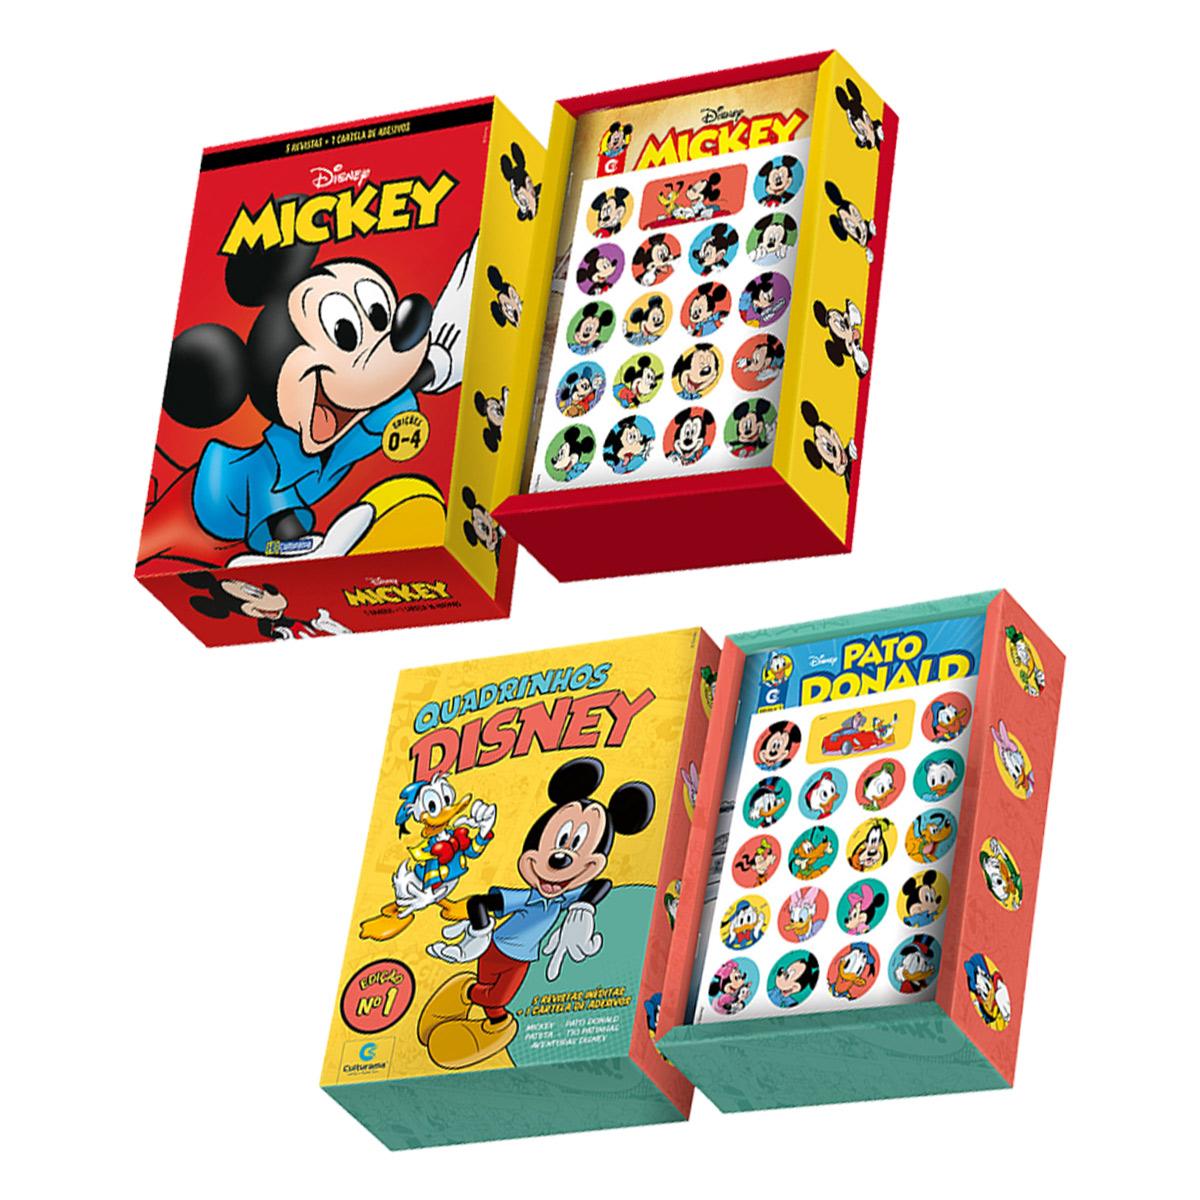 Conj Box De Livros HQ Mickey Mouse Edição 1 + Edição 0 a 4